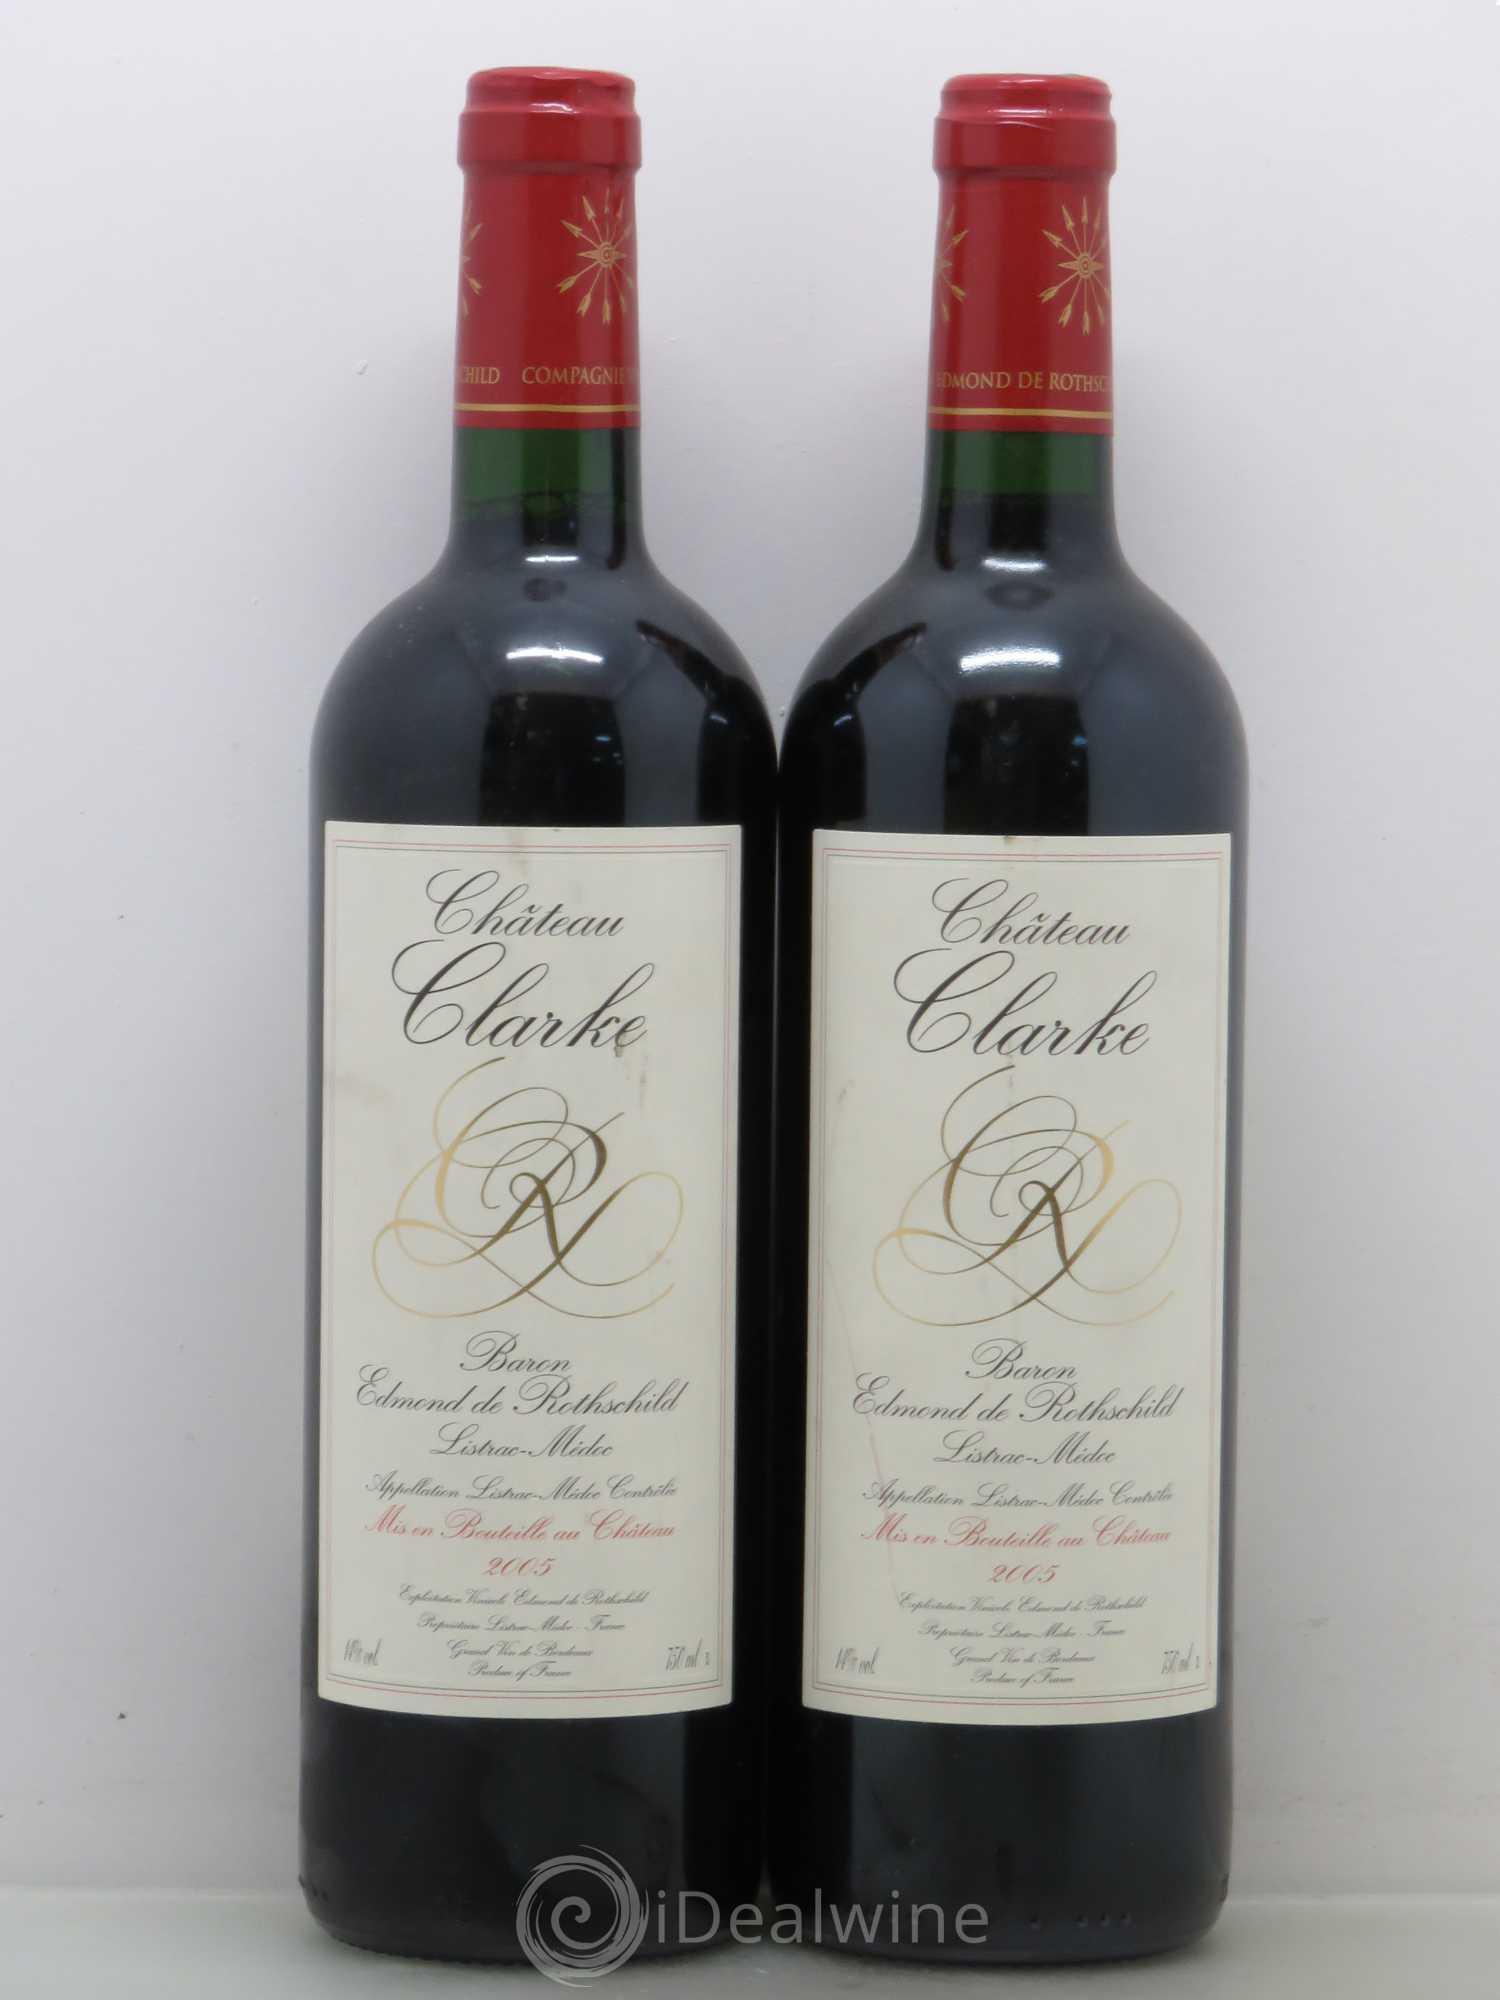 Acheter ch teau clarke cru bourgeois 2005 lot 12013 for Chateau clarke